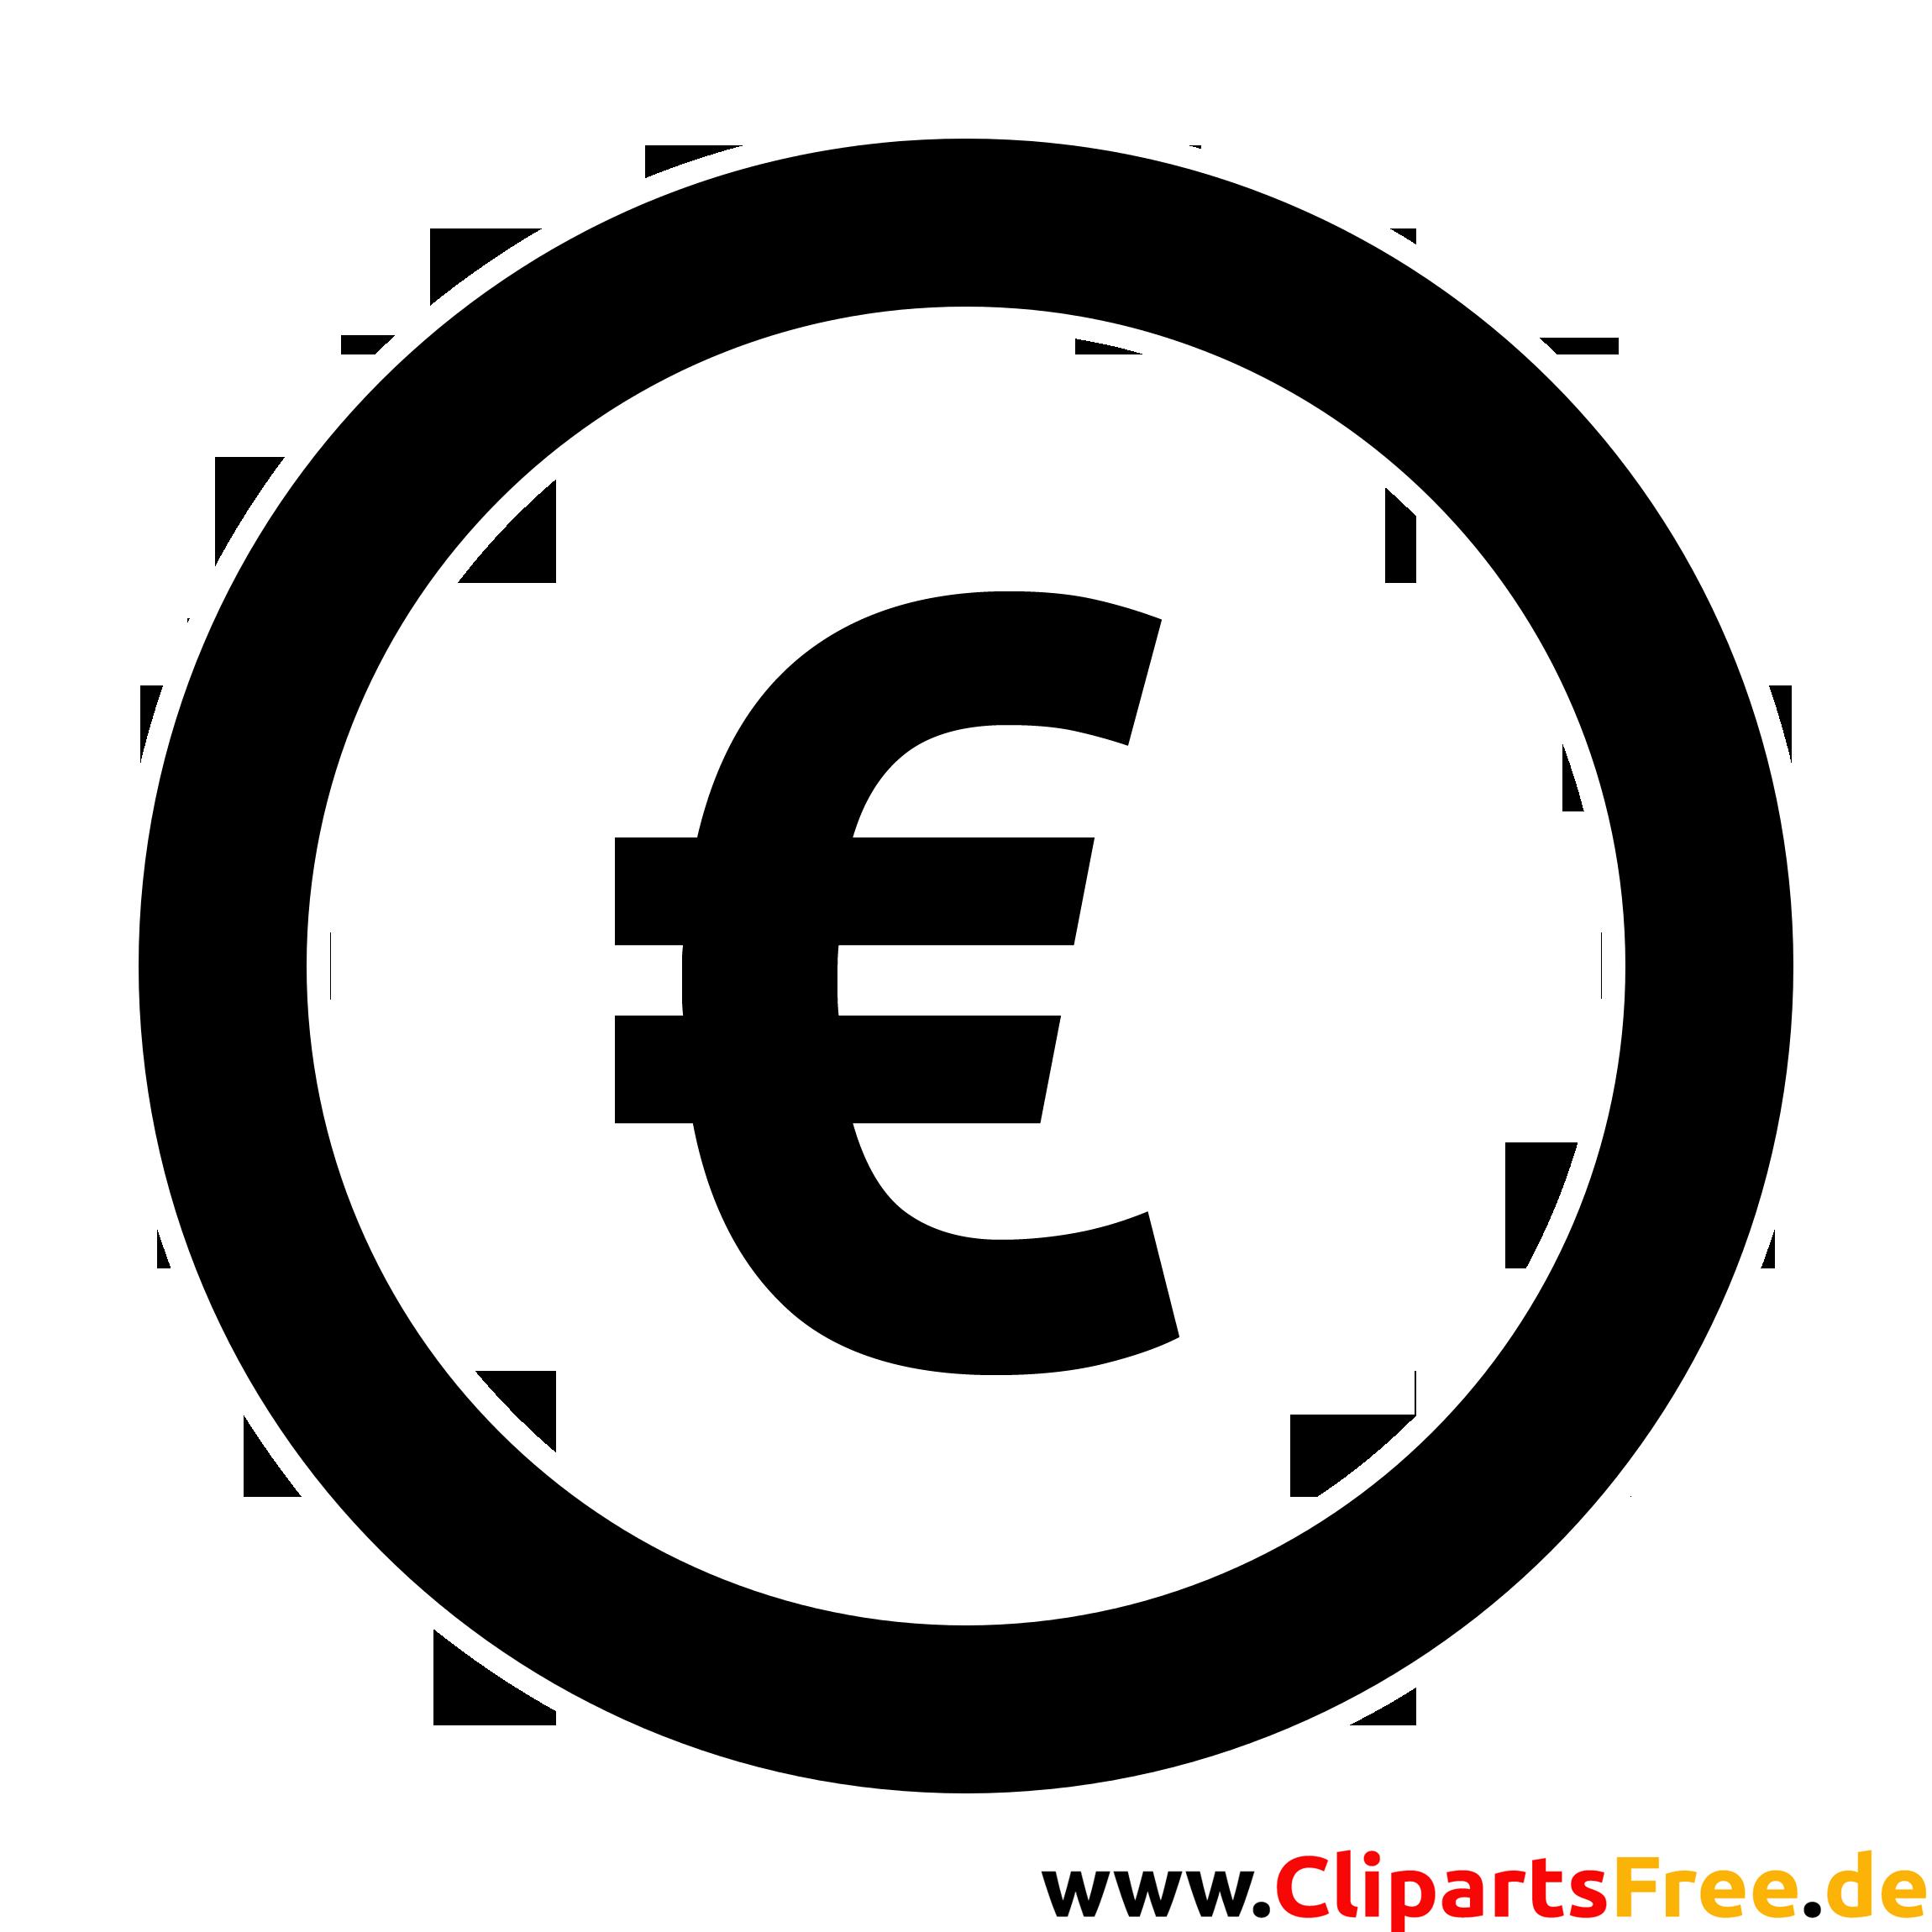 Eurozeichen Clipart, Bild, Grafik, Illustration schwarz-weiss